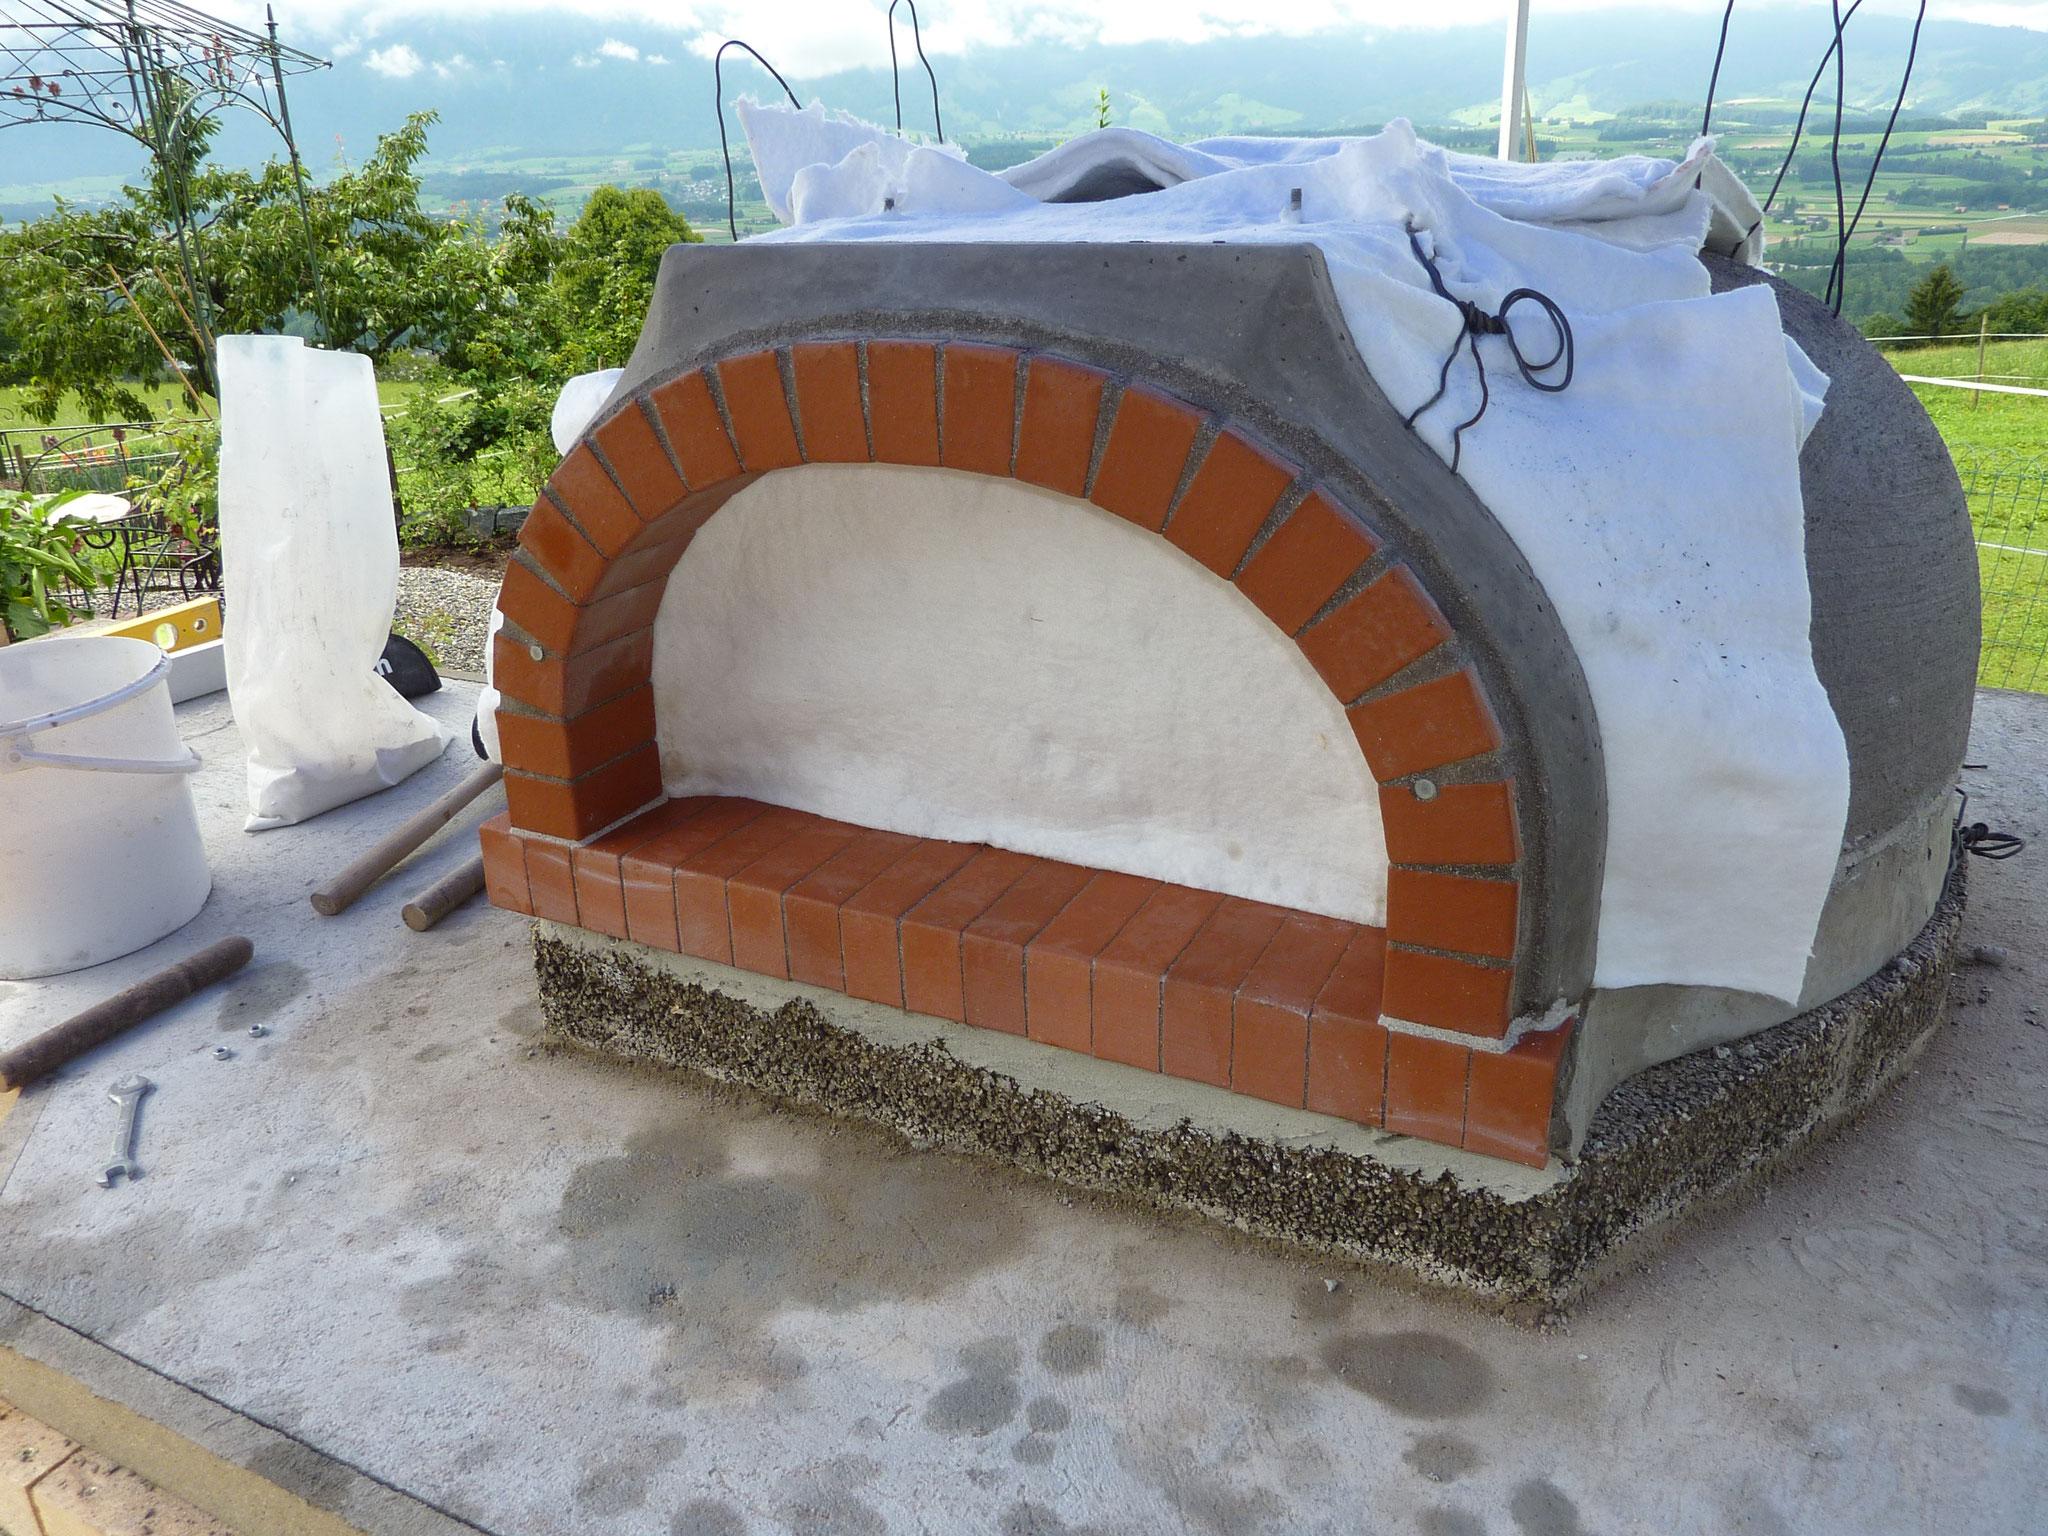 Outdoorküche Bausatz Forum : Gallery of outdoor kuche selber bauen ~ pizzaofen selber bauen kosten